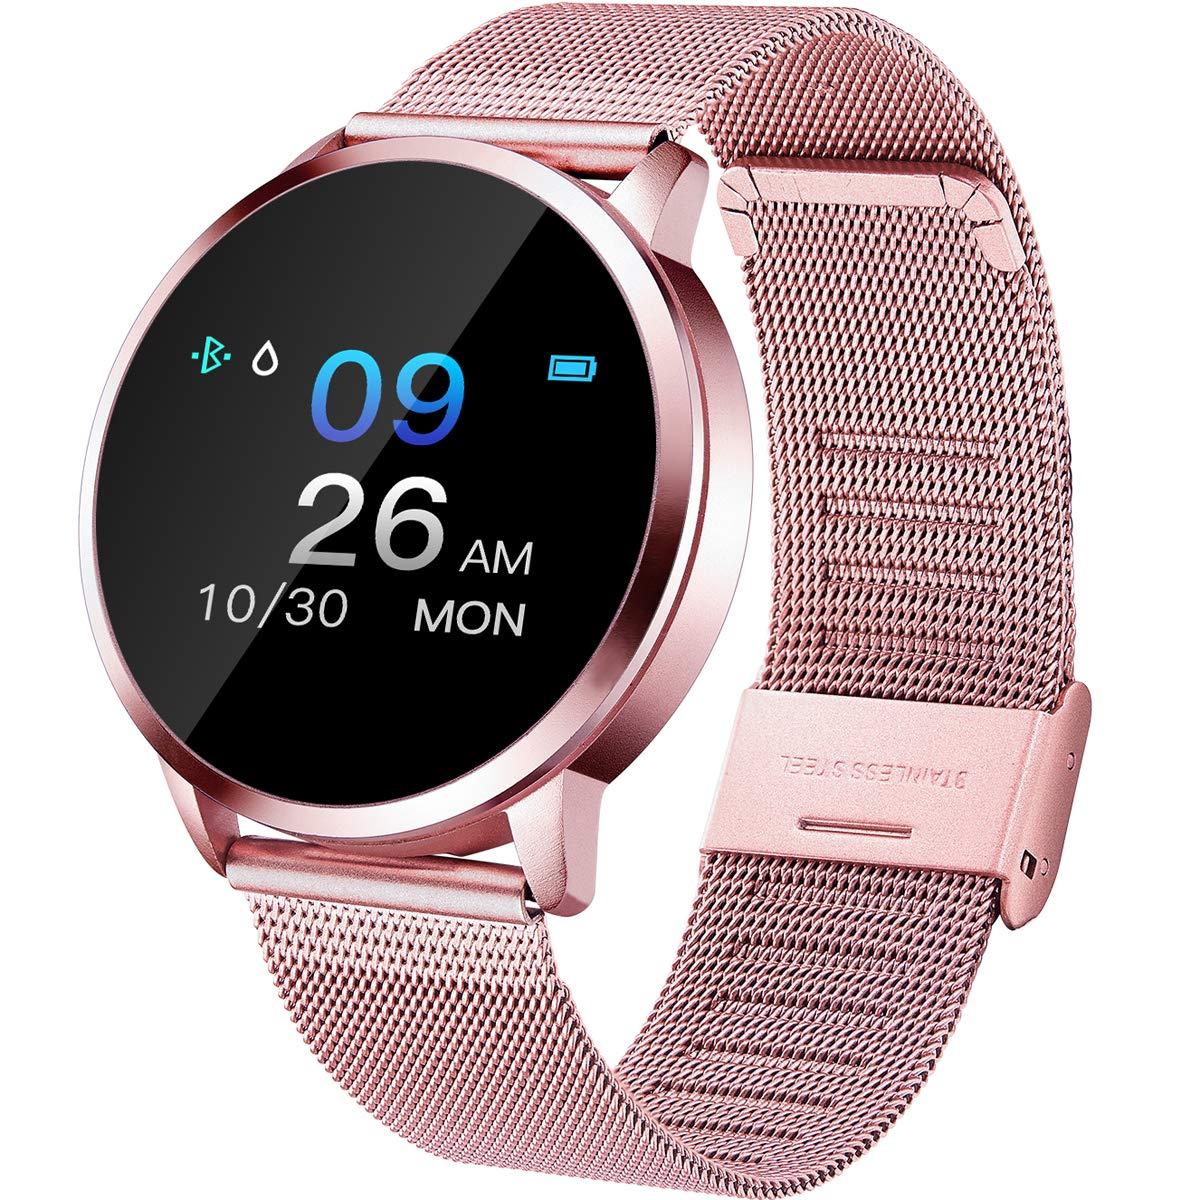 Smartwatch-Herzfrequenz-Pulsmesser-Blutdruck-Schrittzhler-IP67-Wasserdicht-Farbbildschirm-Rosegold-Rosa-Schwarz-Silber-Edelstahl-Fitness-Armband